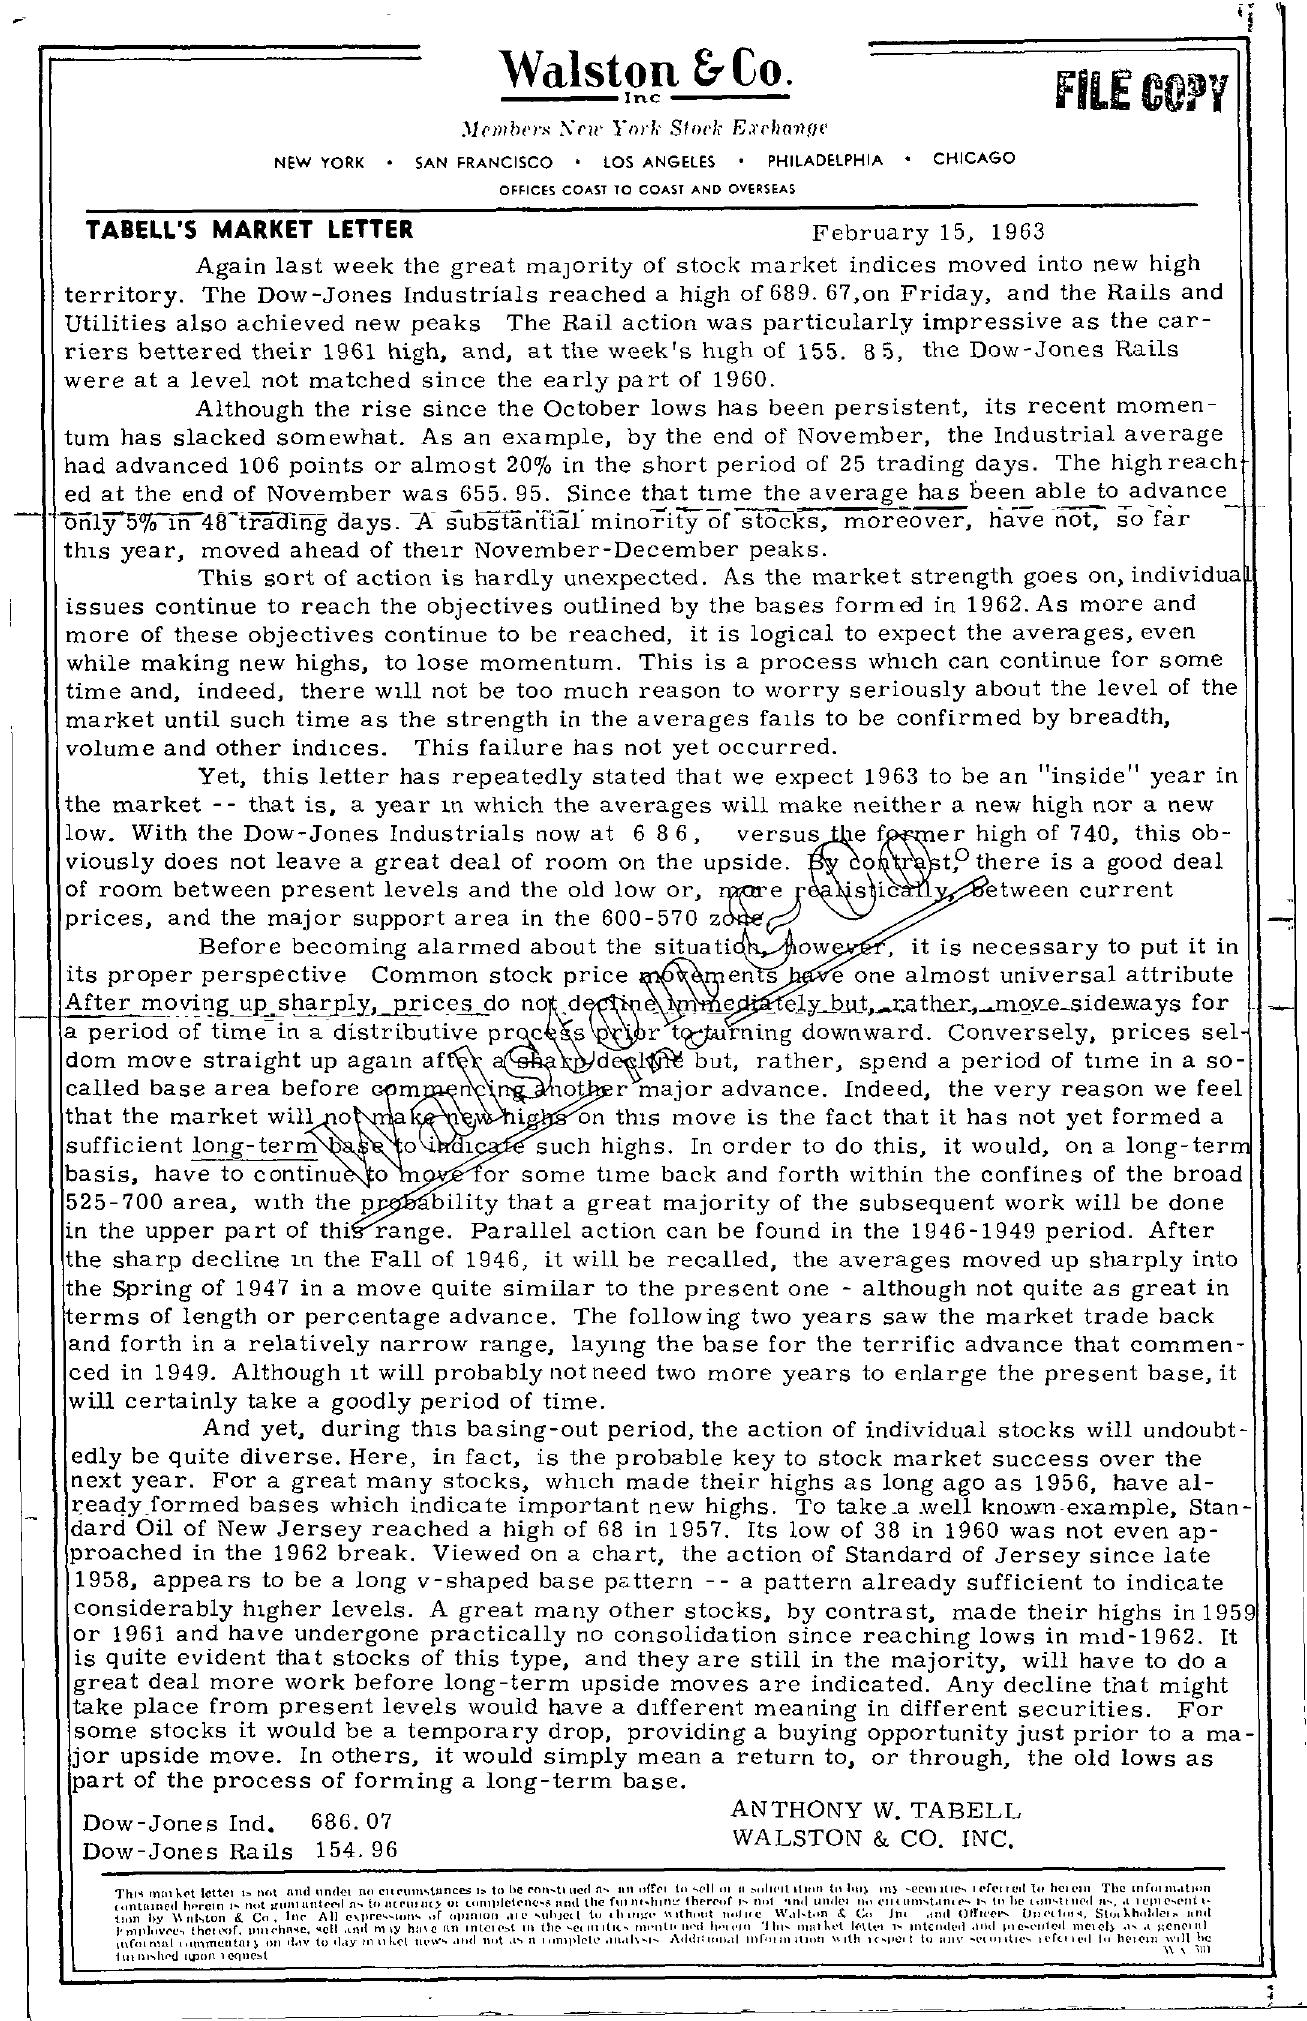 Tabell's Market Letter - February 15, 1963